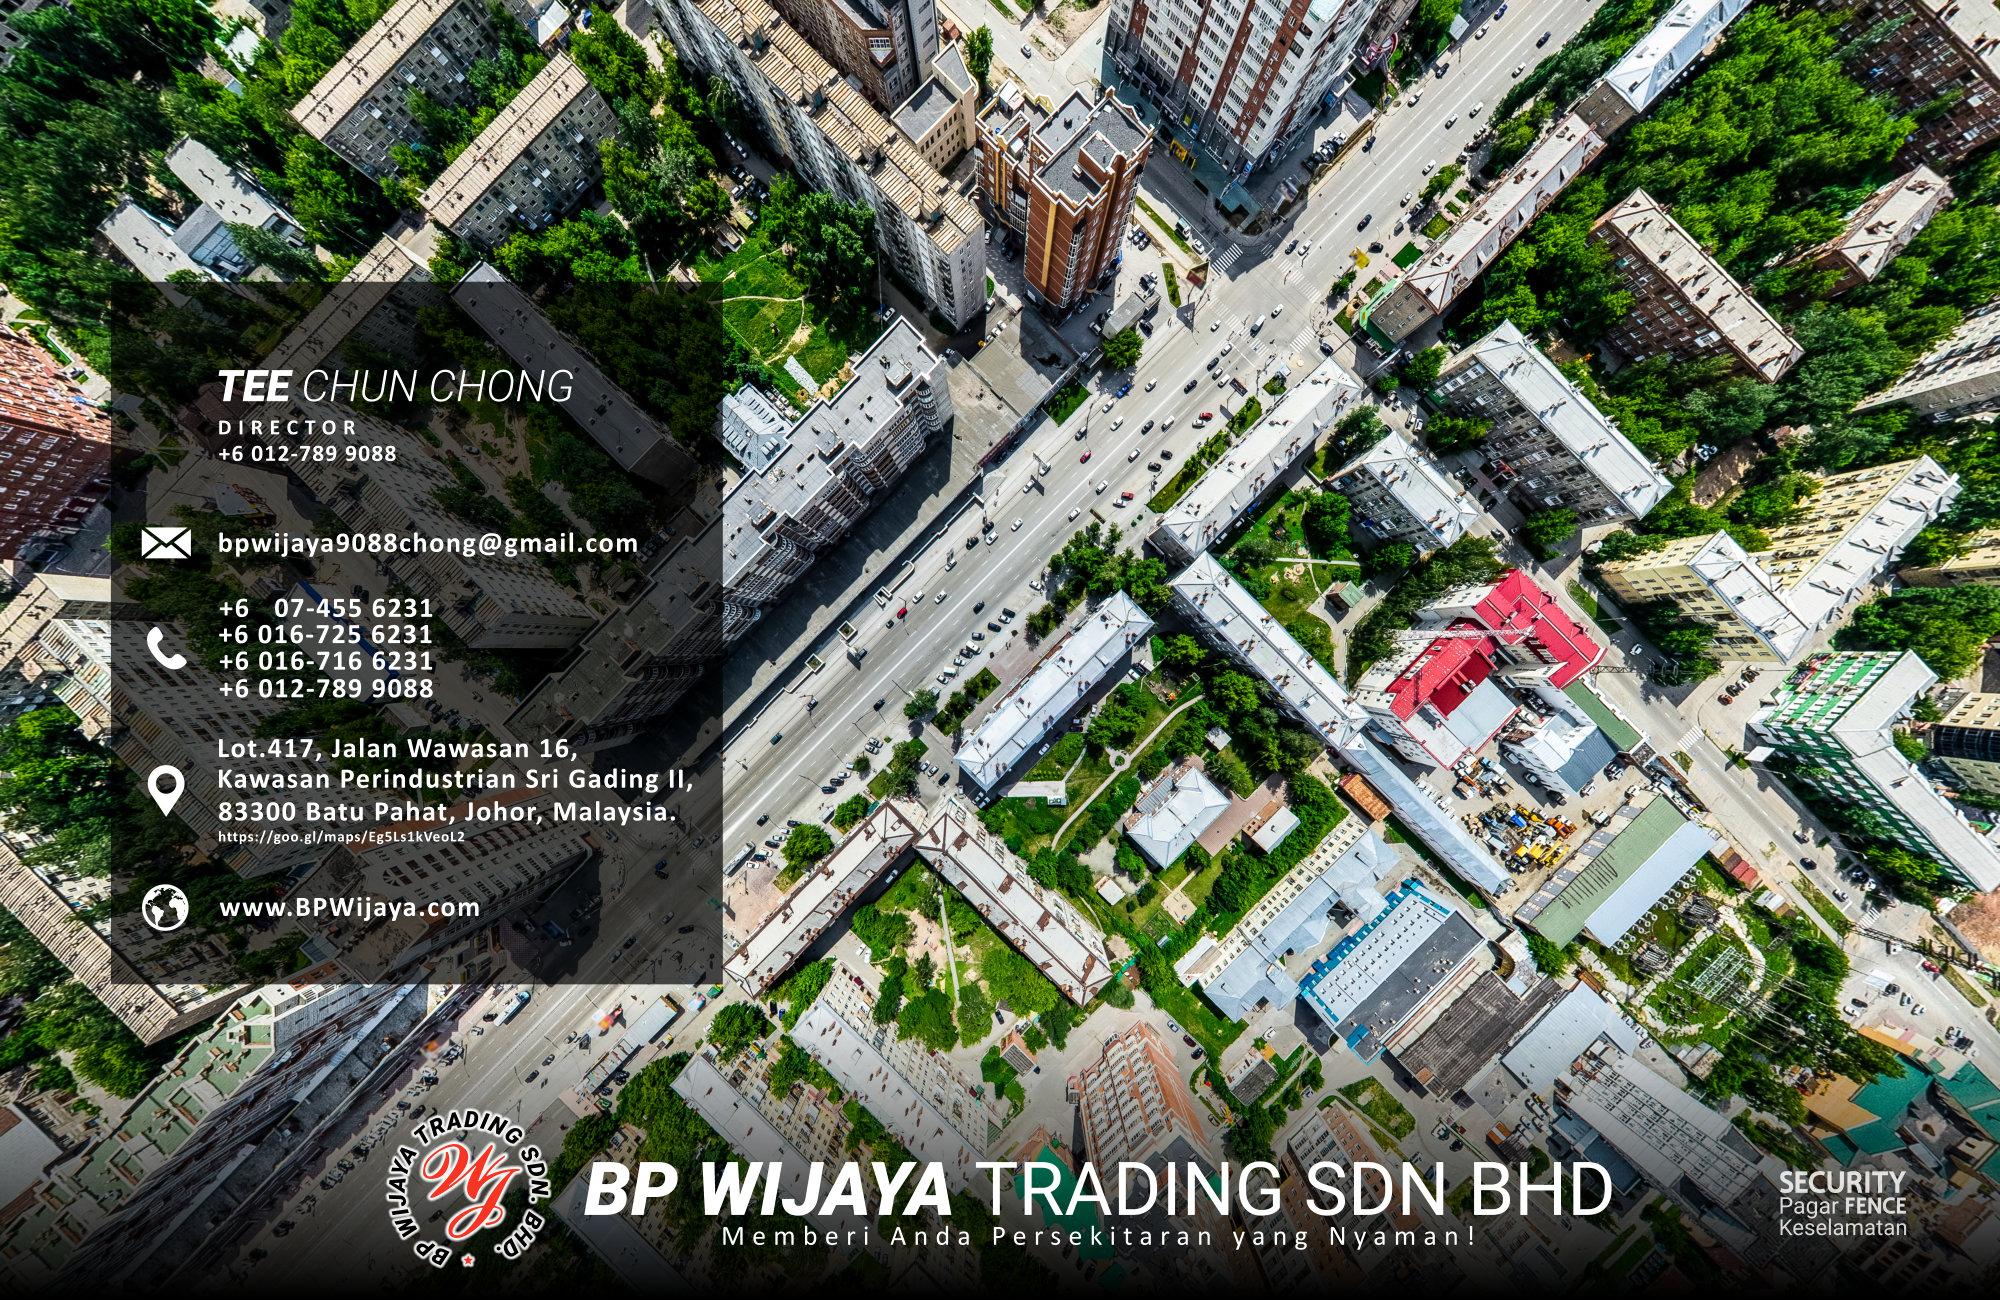 Pembekal Kuala Lumpur Pagar Keselamatan kami merupakan pengilang pagar keselamatan BP Wijaya Trading Sdn Bhd Pagar Taman Pagar Bangunan Pagar Kilang Pagar Rumah Pemborong Pagar Keselamatan A03-001